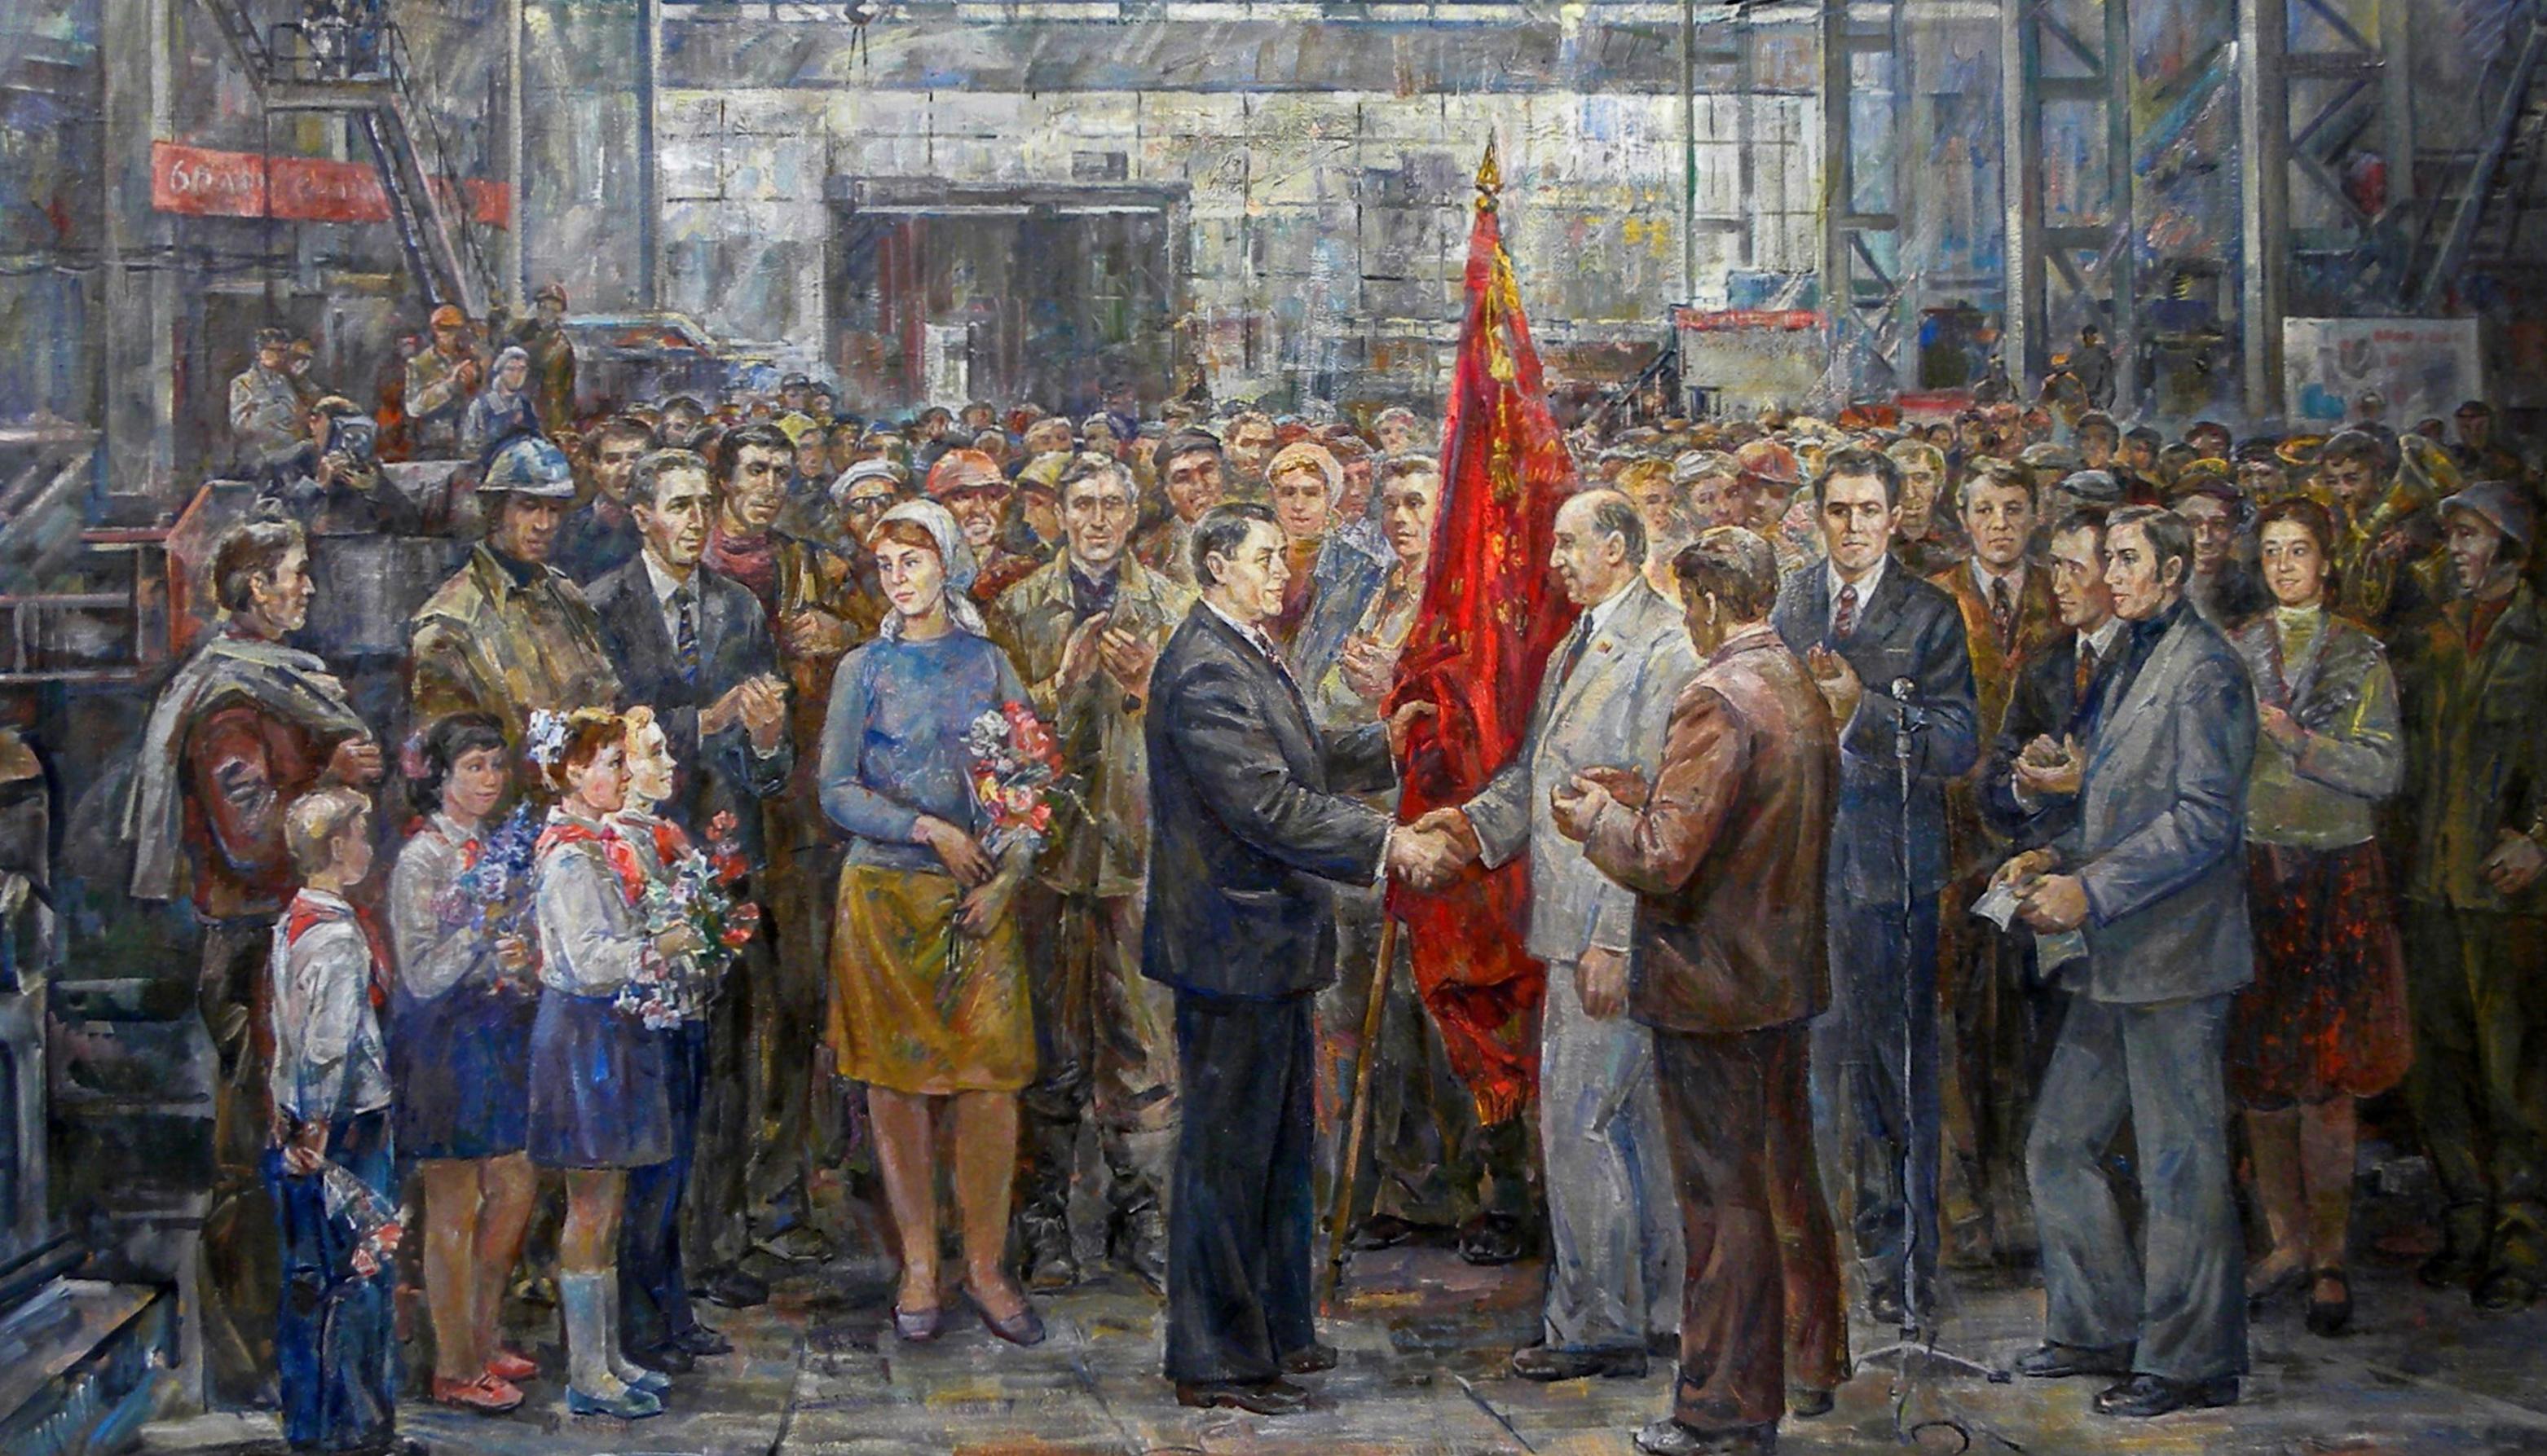 Mostra di pittura russa e sovietica